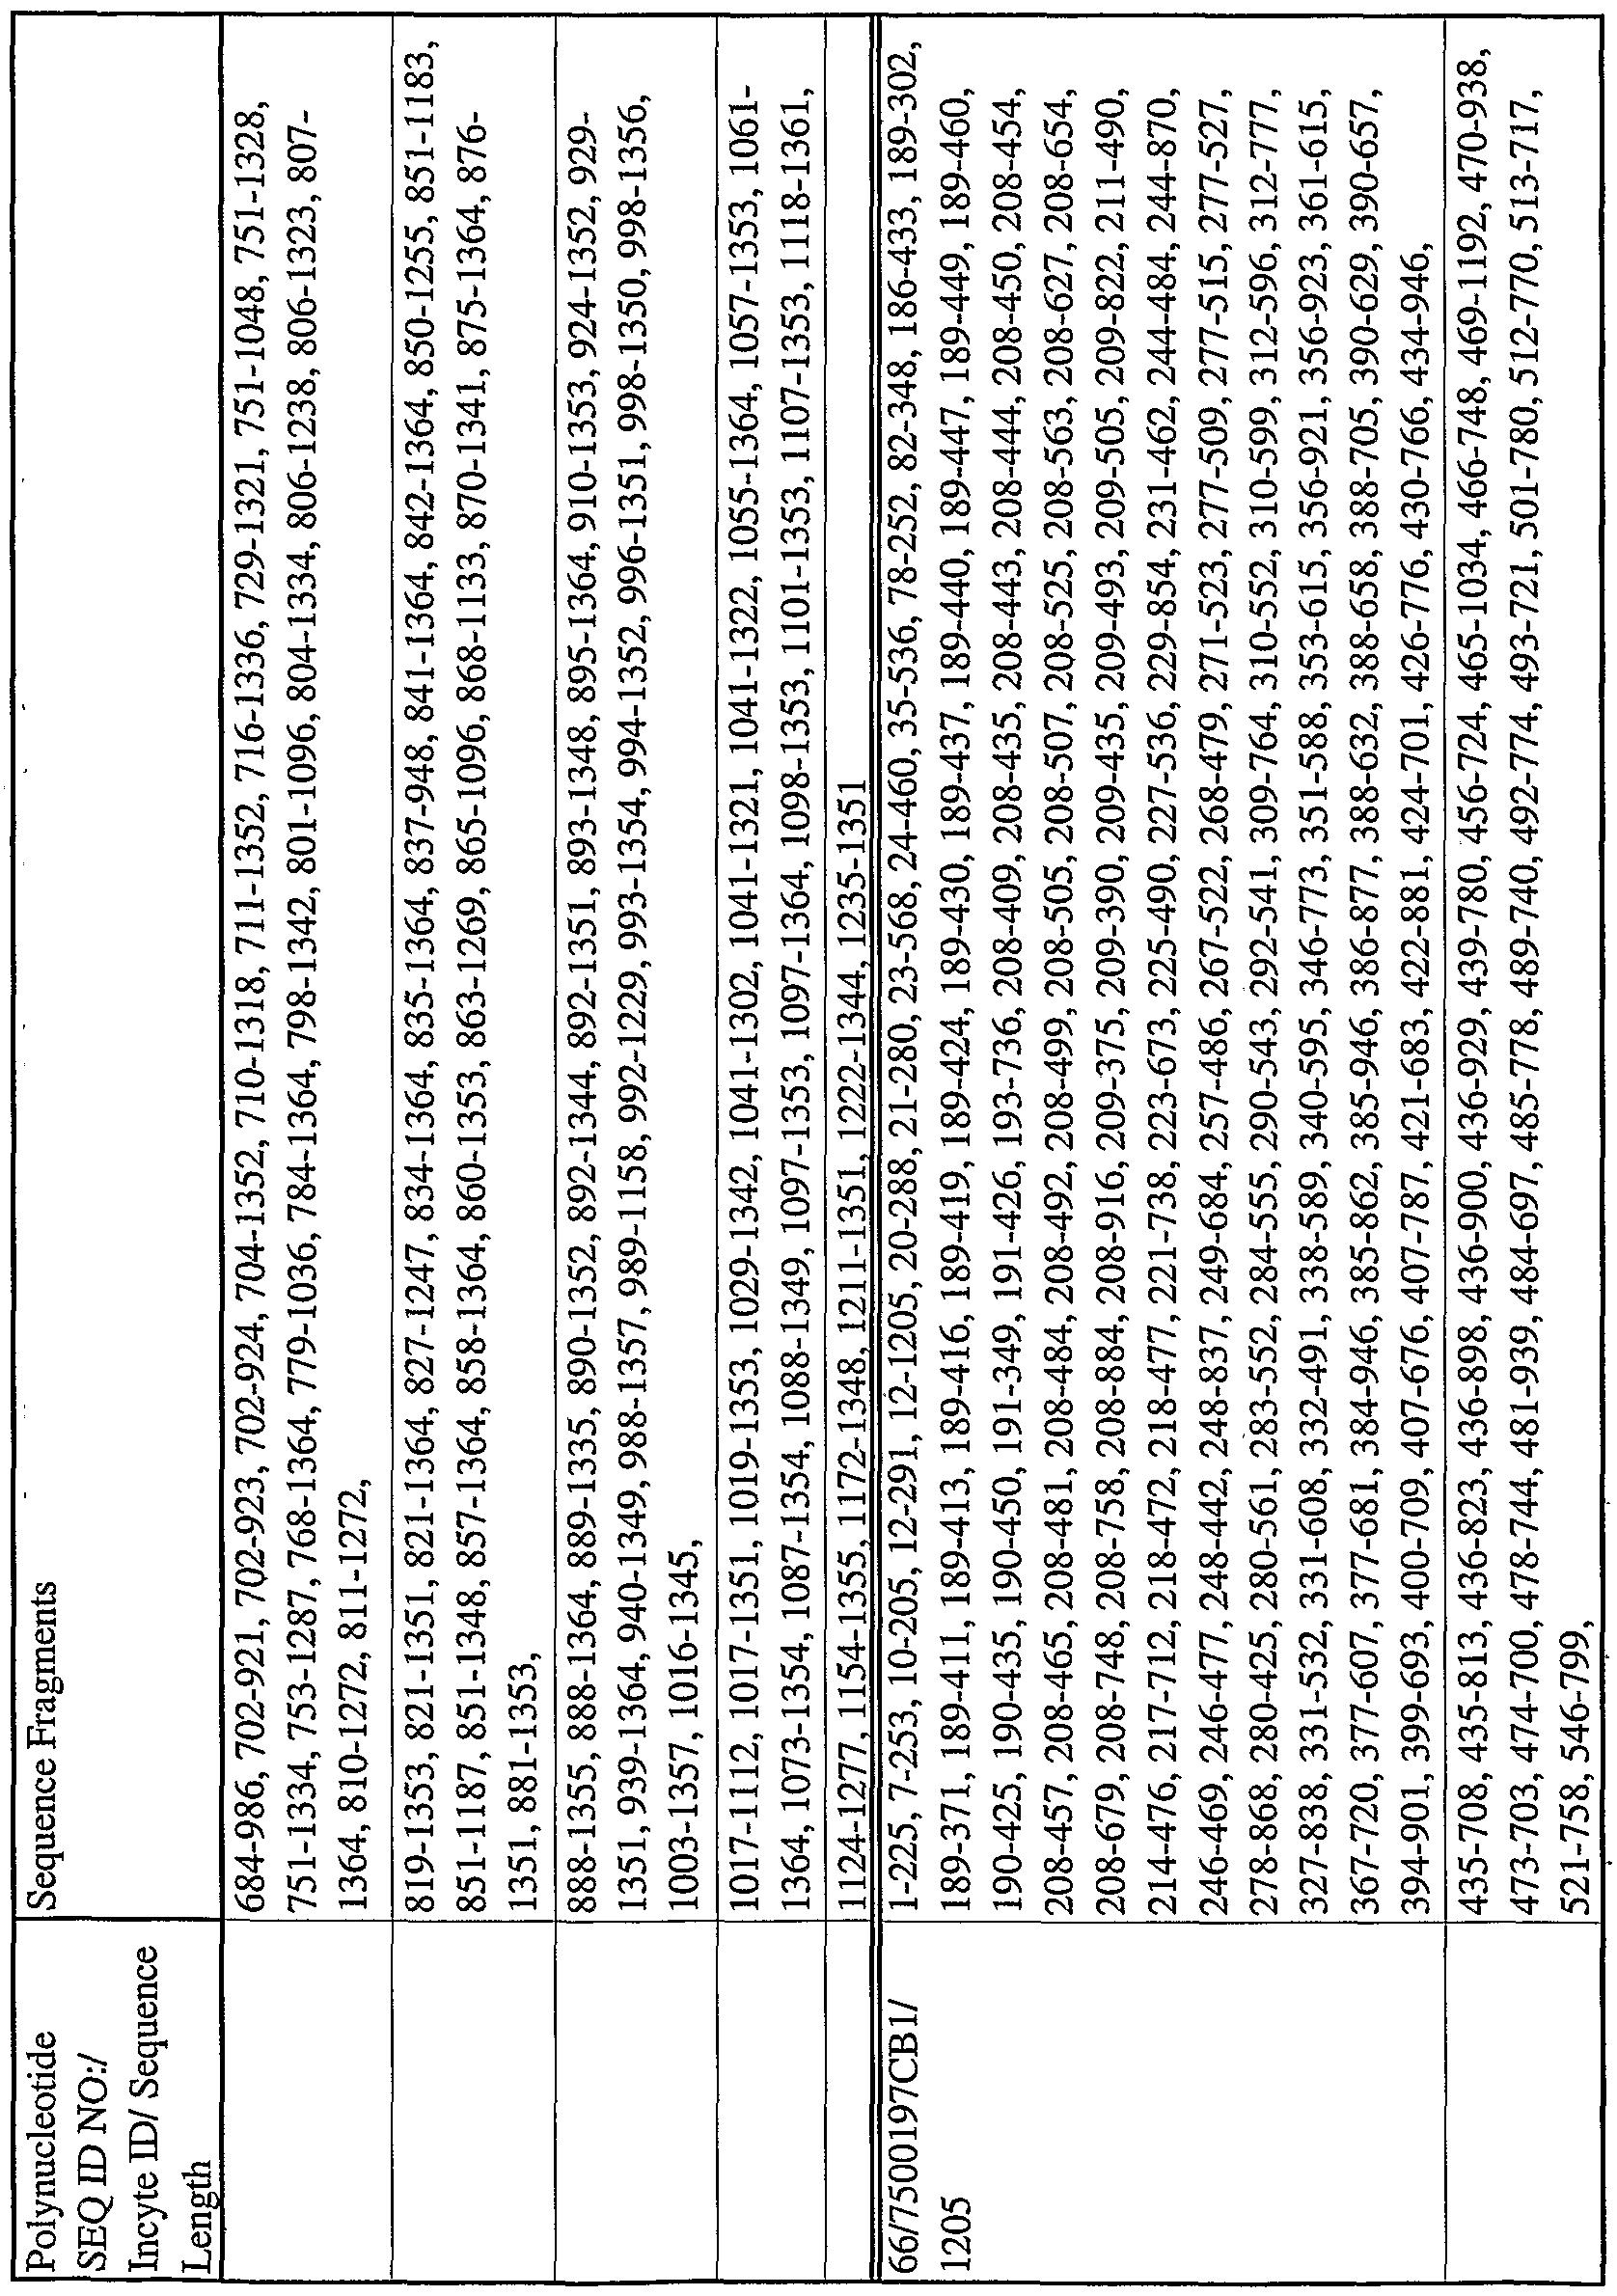 300 PCS GRAYISH BONE ROUND BEADING BEADS 6MM #T-396